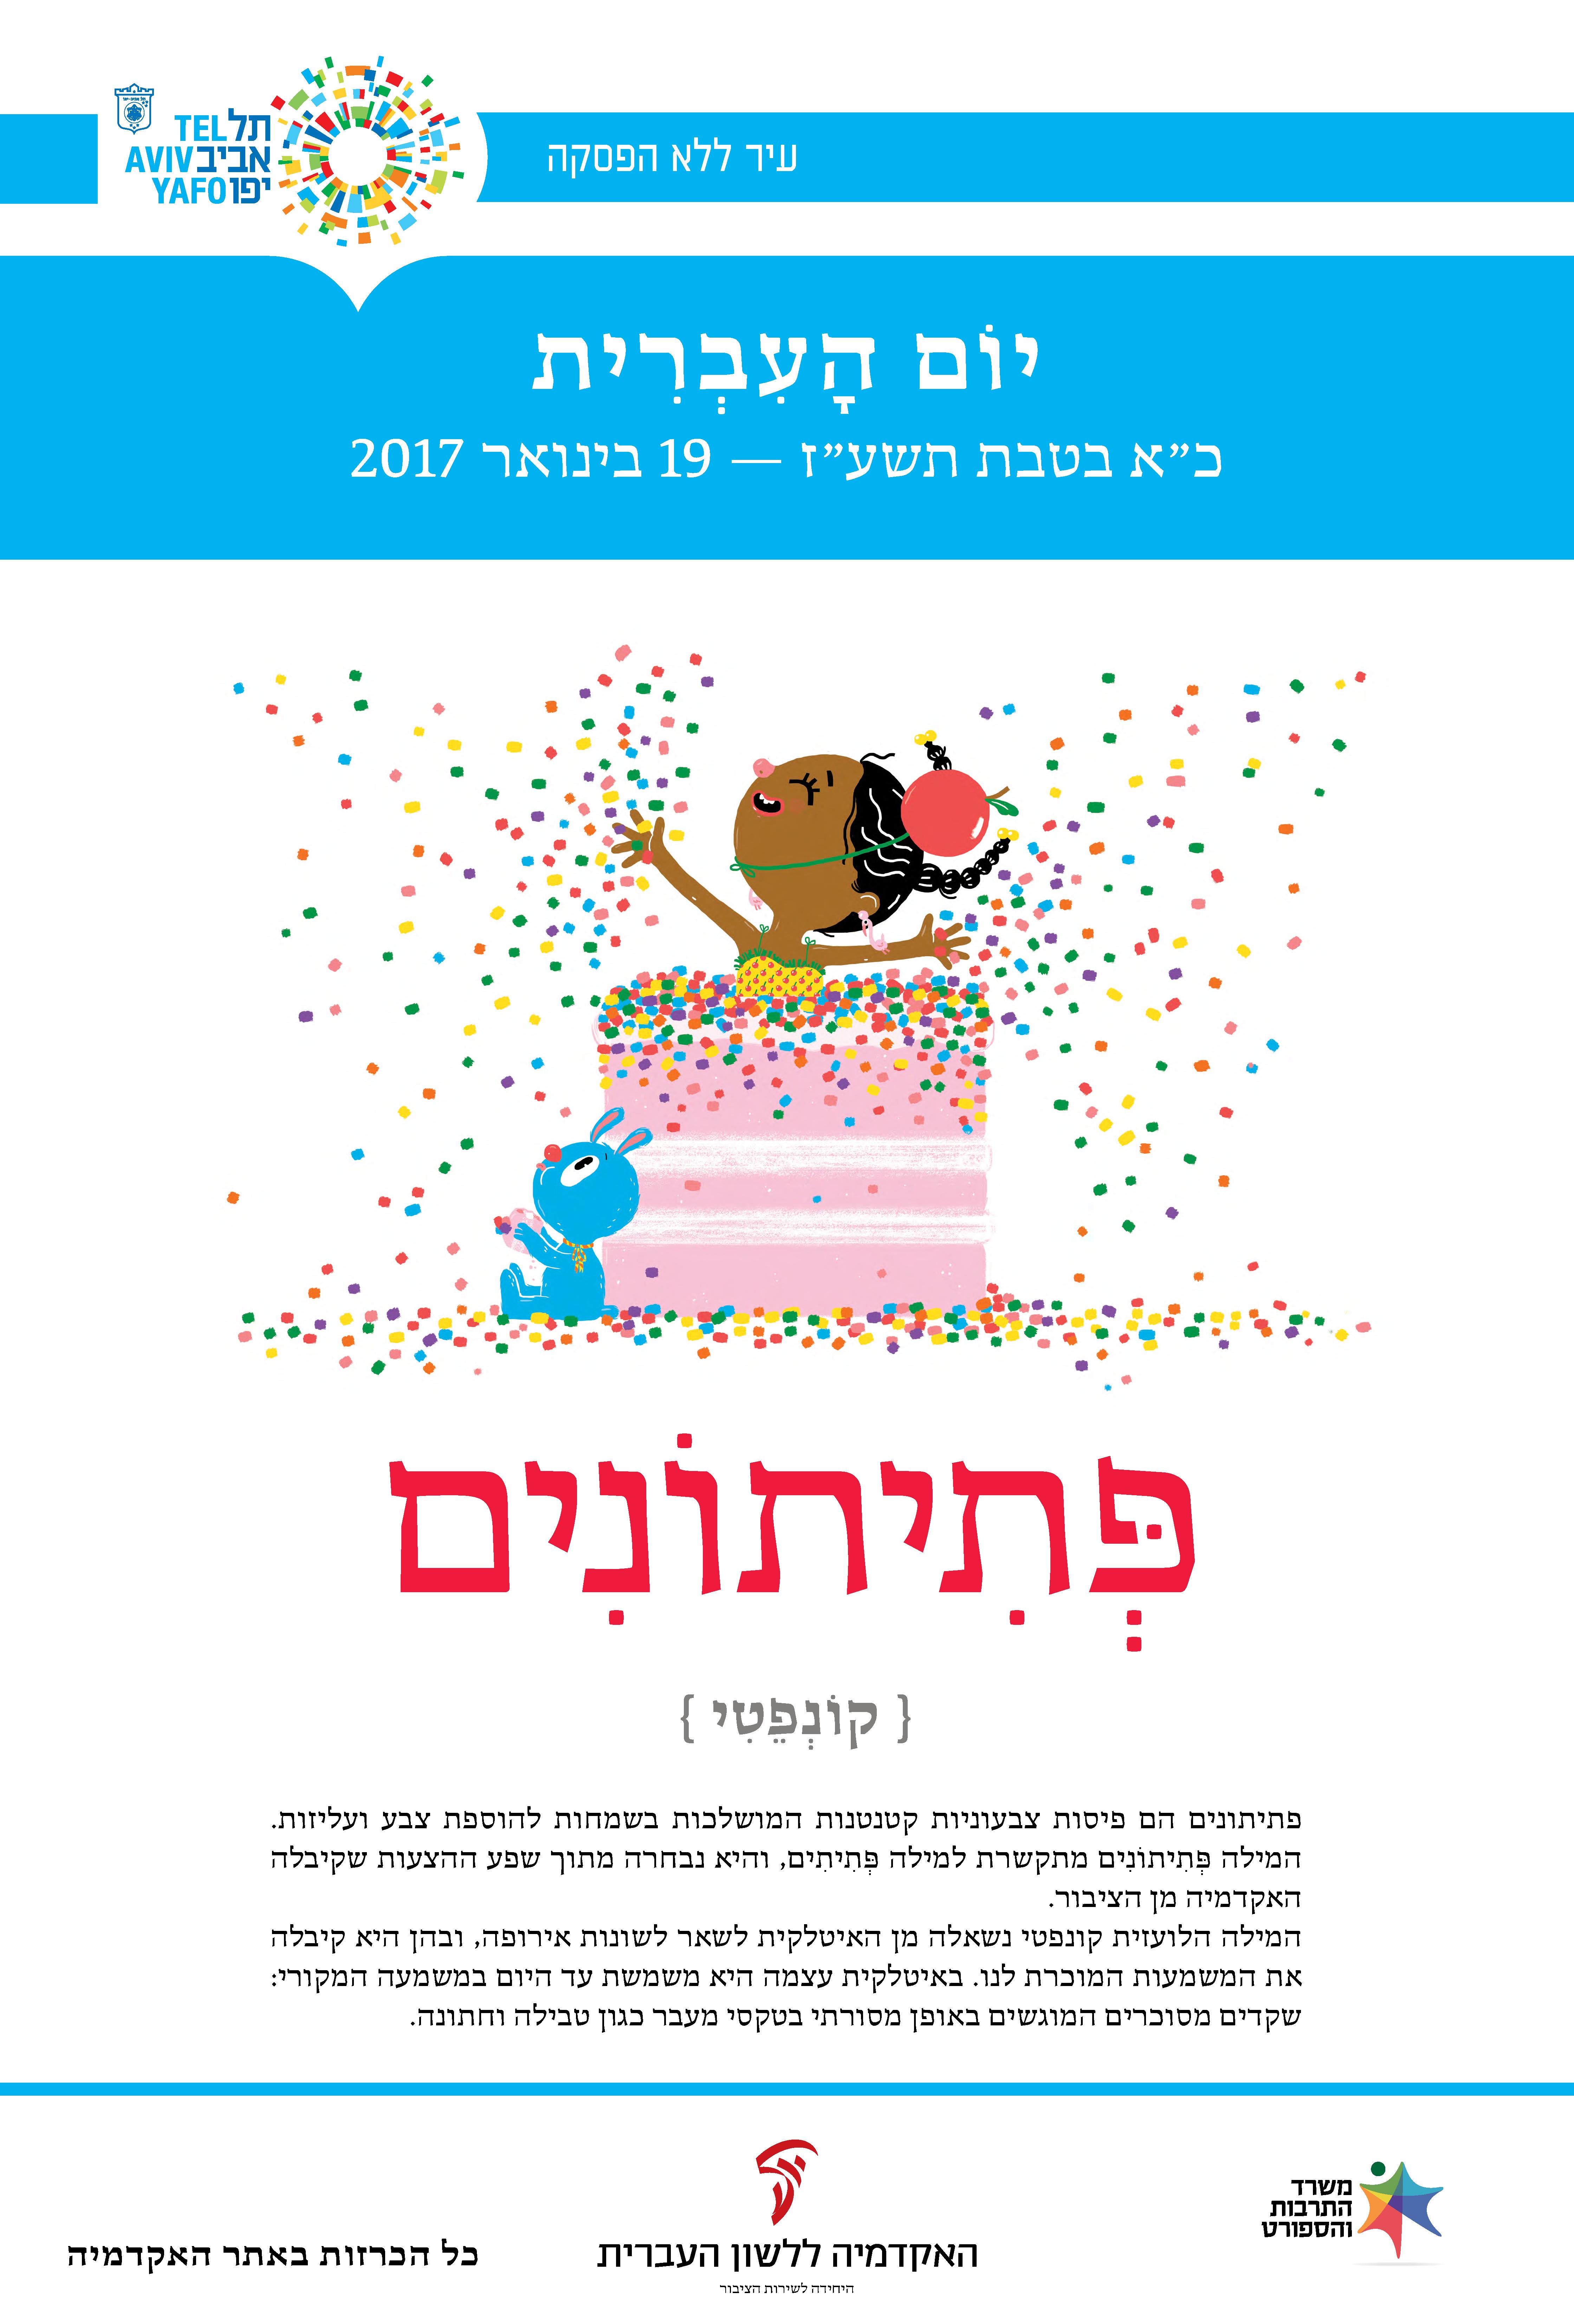 ילדה מפזרת קונפטי באויר - ]תיתונים - כרזה ליום העברית תשעז